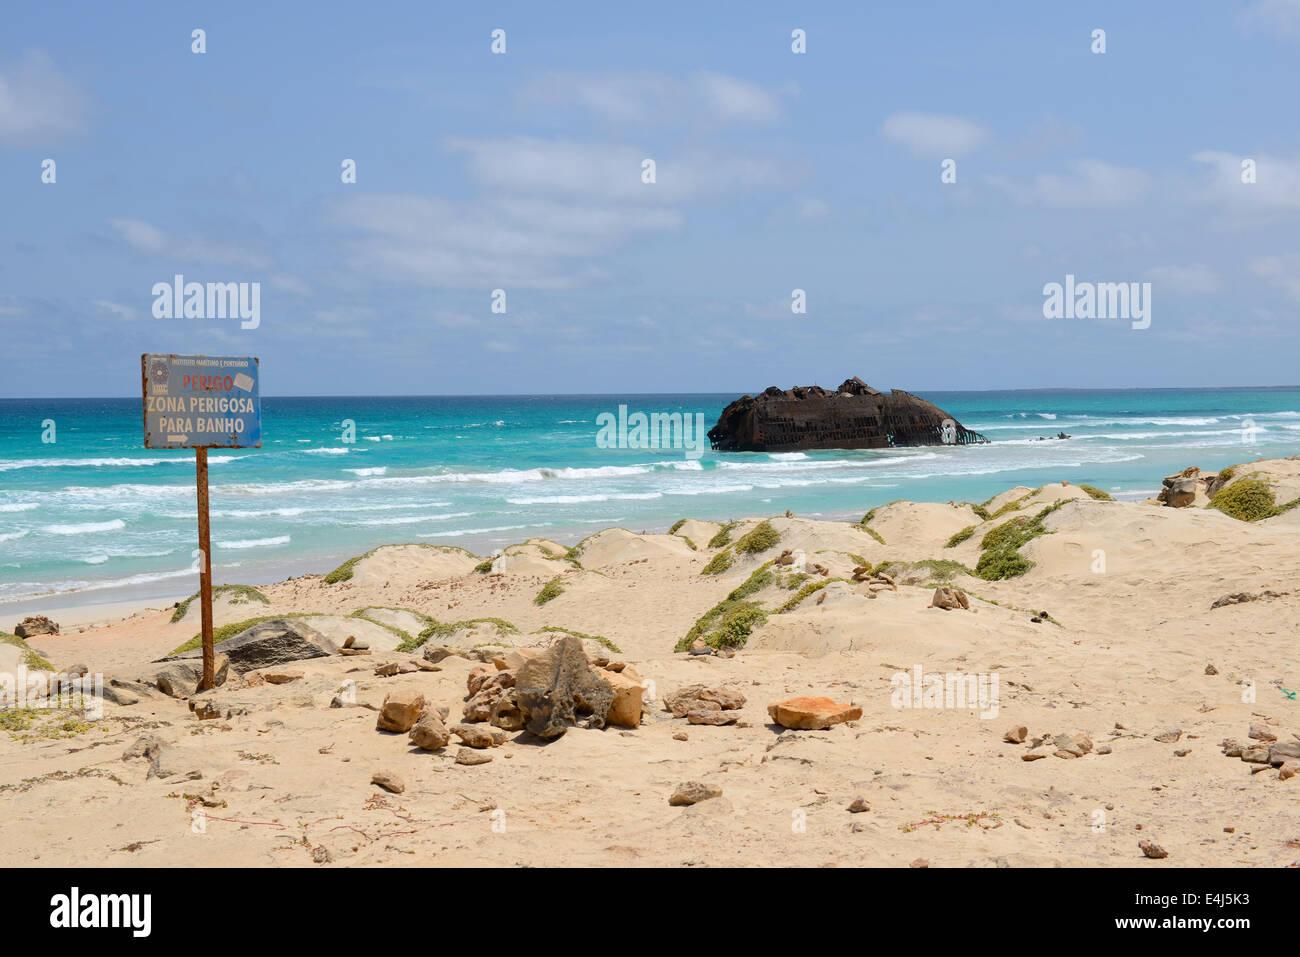 Playa con un naufragio en el Cabo de Santa María, Isla de Boa Vista, en Cabo Verde Imagen De Stock